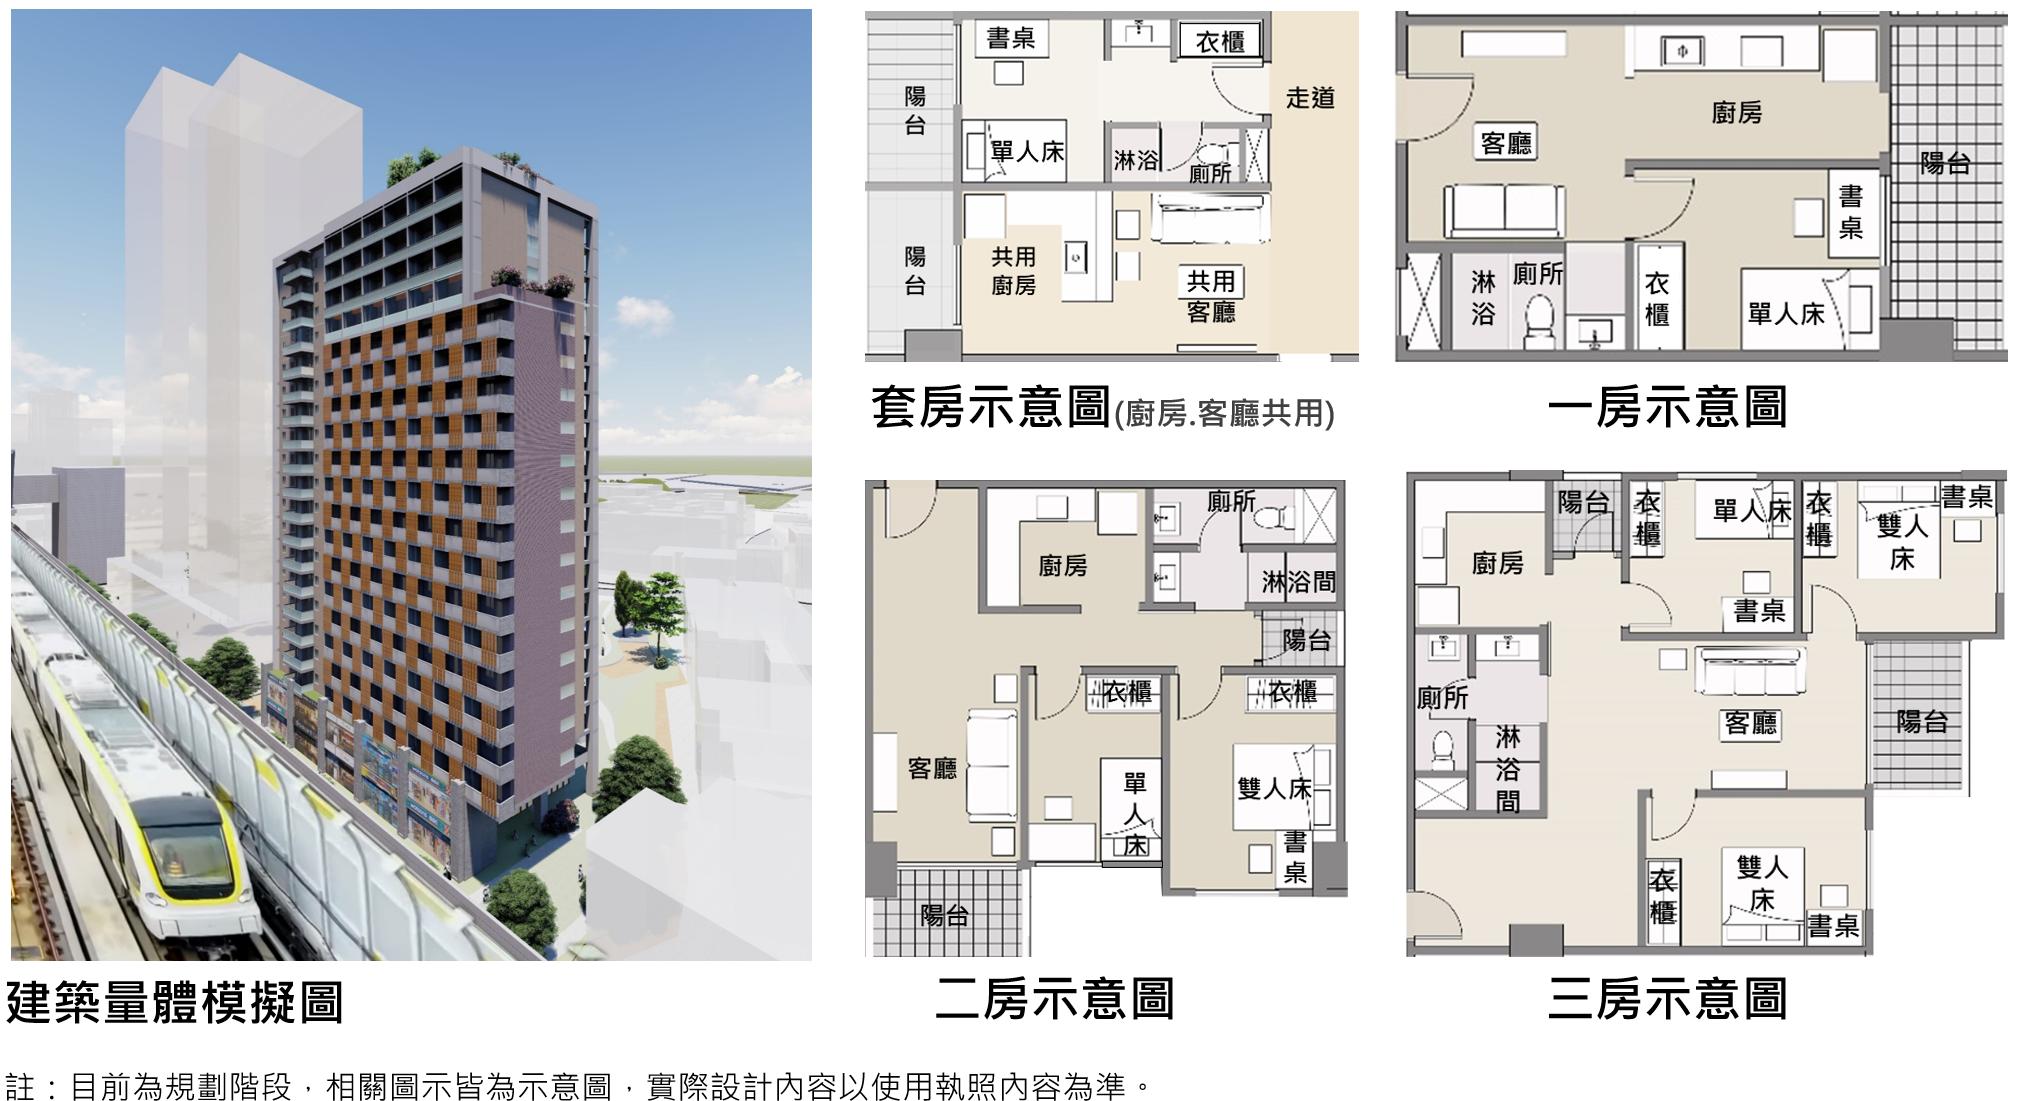 02建築量體模擬圖